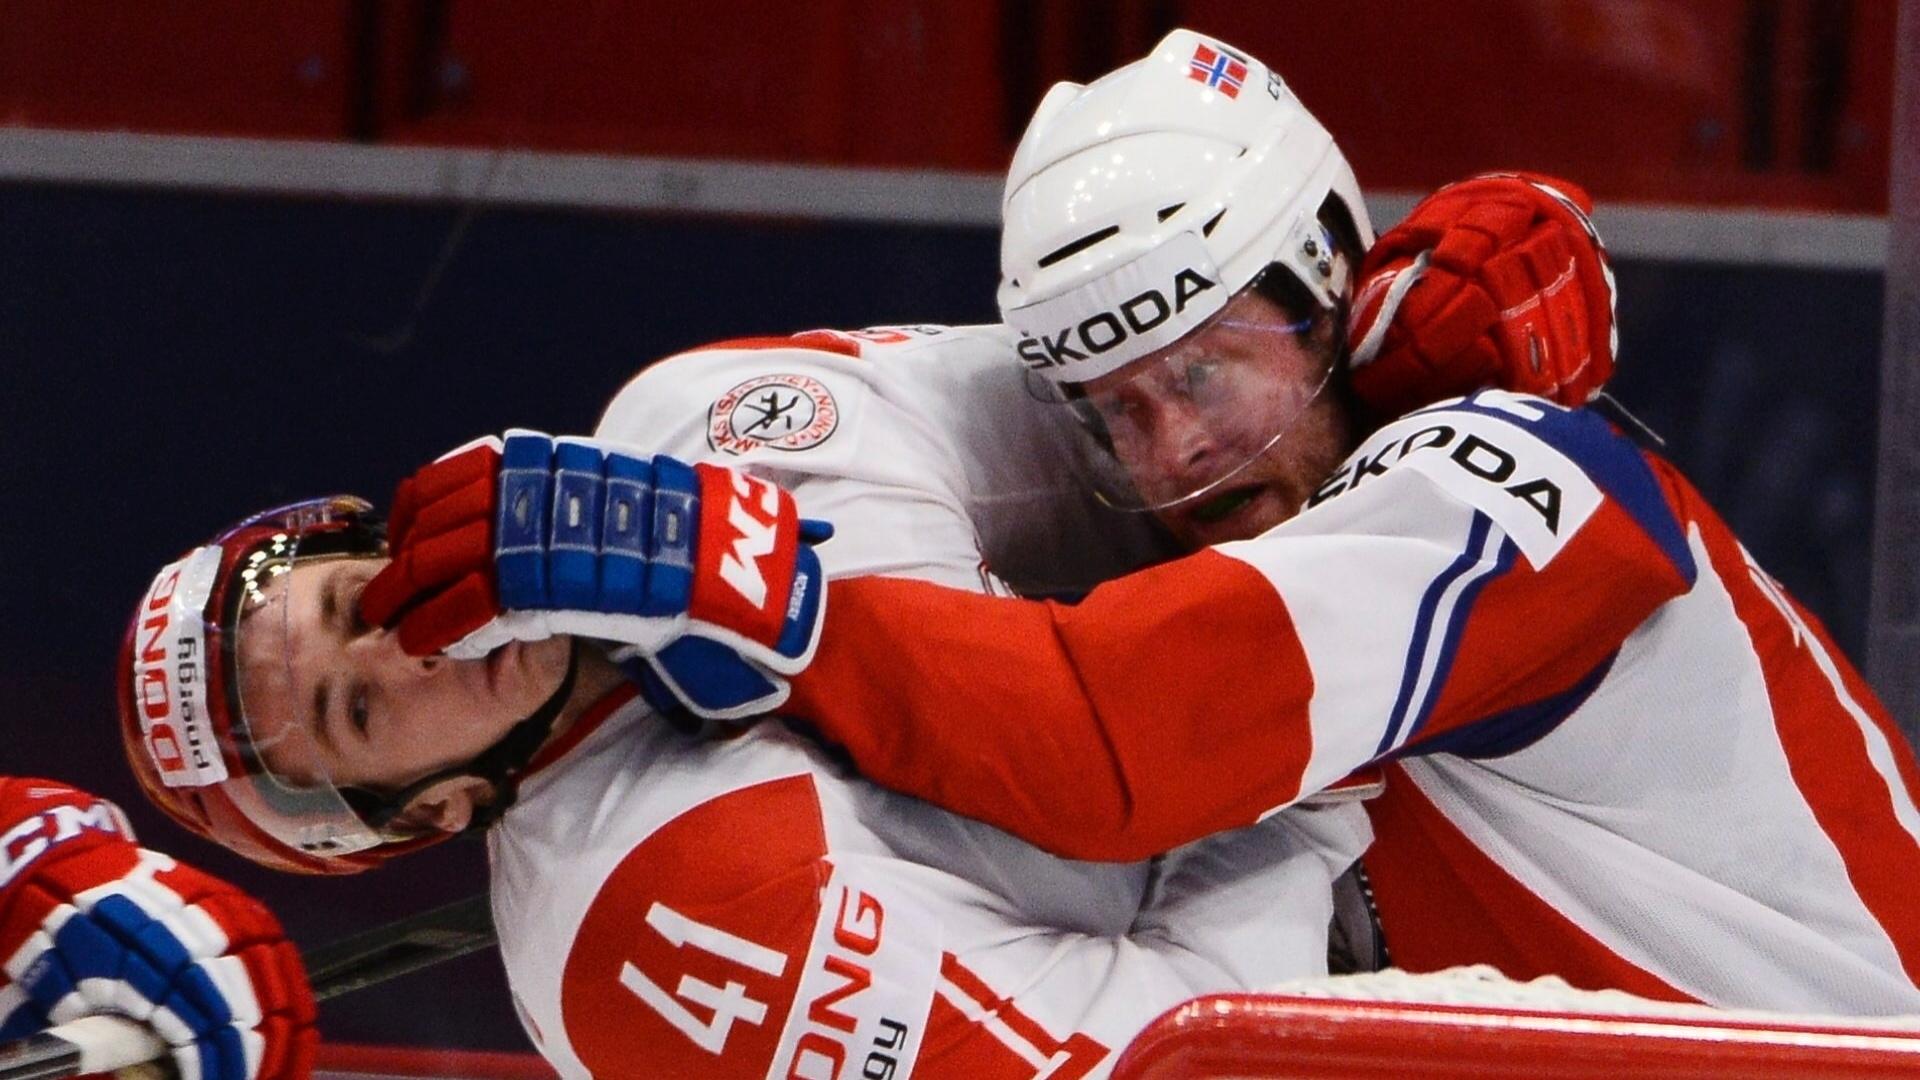 05.mai.2013 - Martin Roymark (dir), da Noruega, dispara um direto no rosto de Jesper Jensen, da Dinamarca, durante partida pelo Mundial de hóquei no gelo